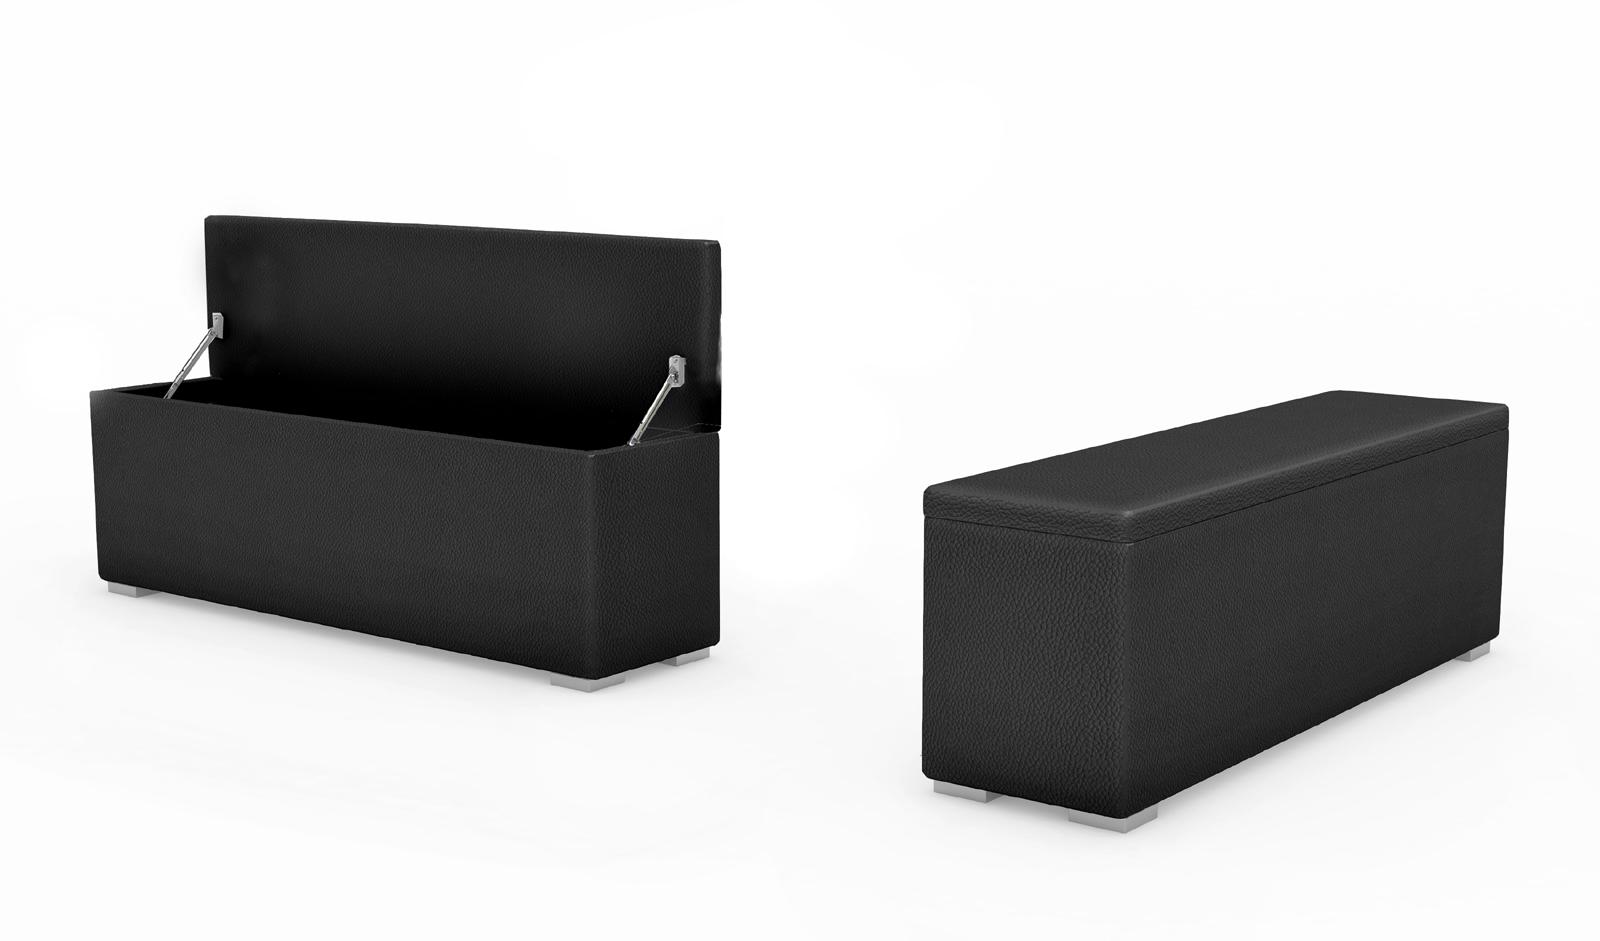 Sitzbank esszimmer grau: auswahlen einige sitzbank esszimmer ...